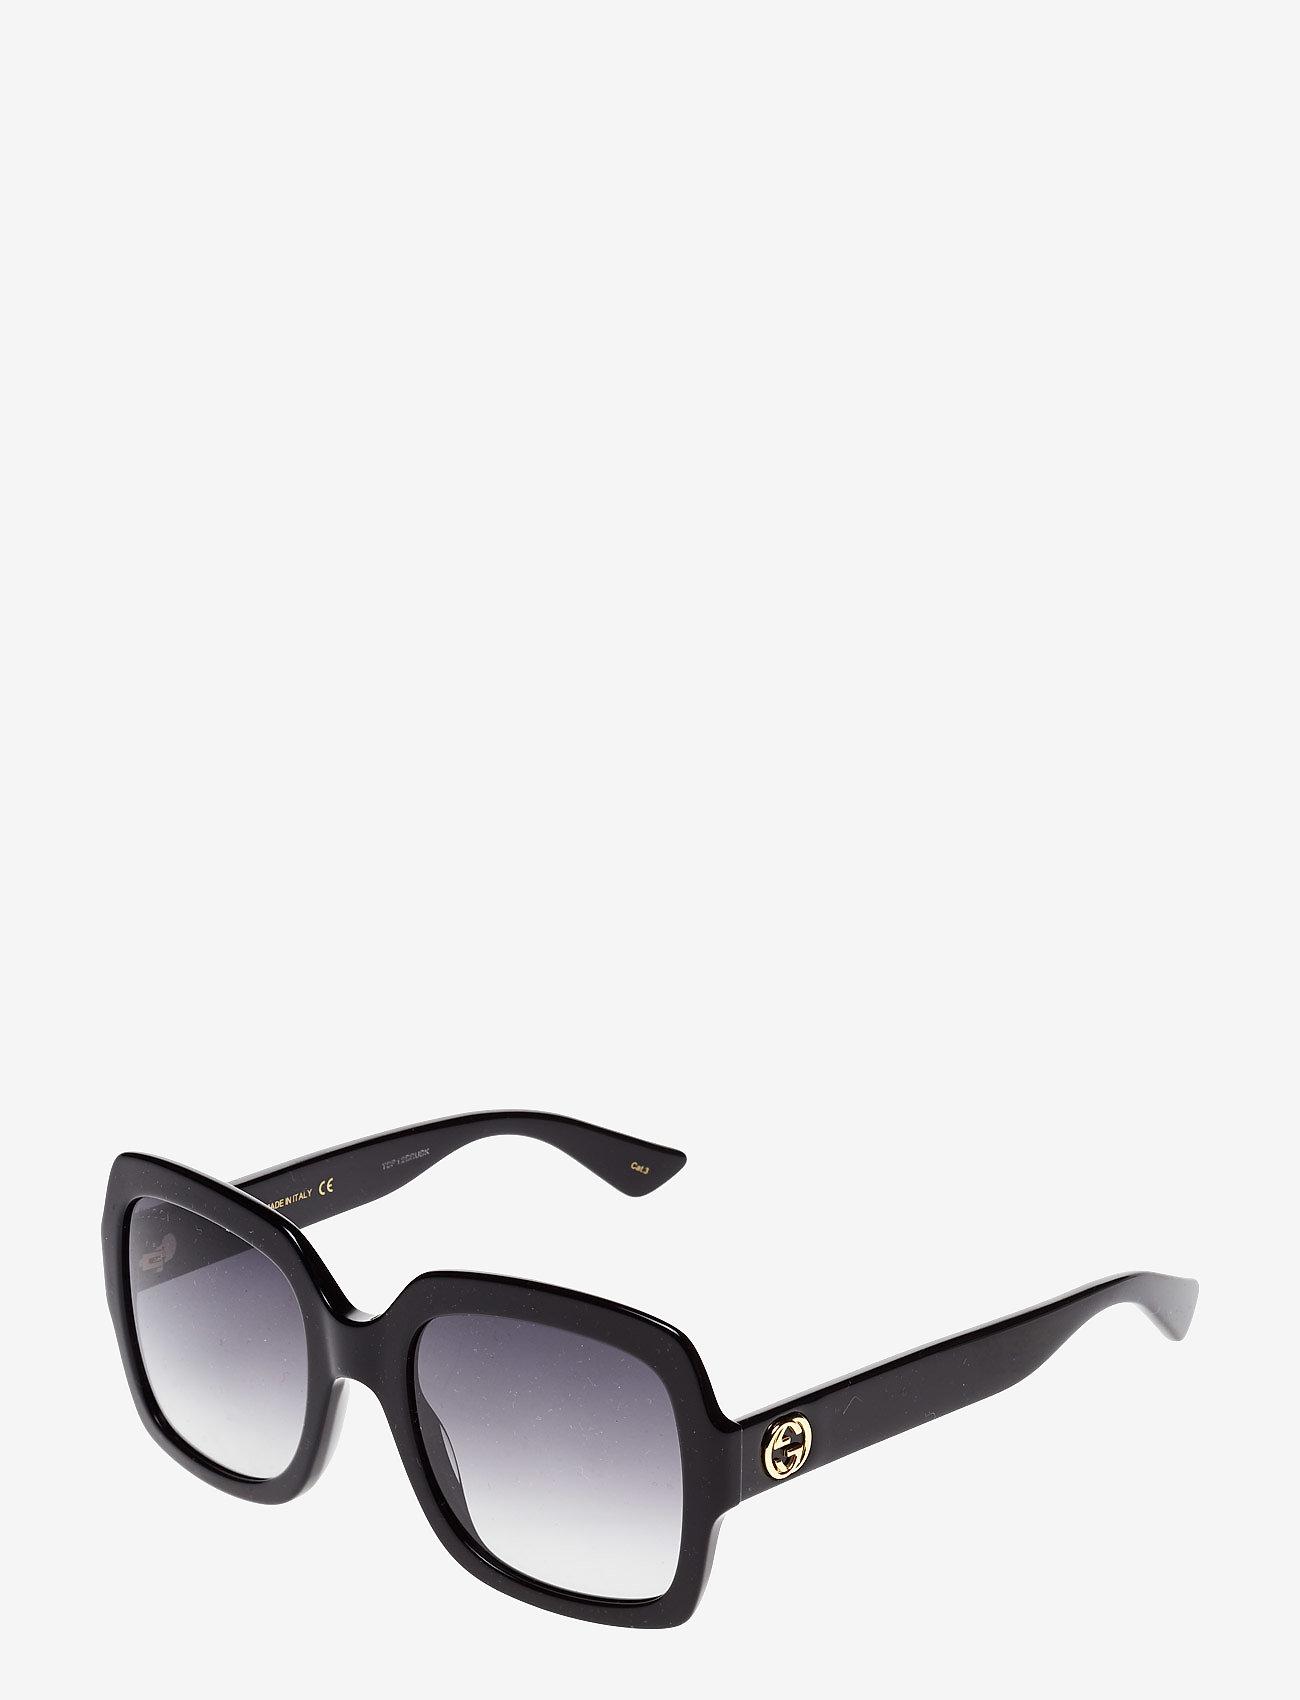 Gucci Sunglasses - GG0036S - square frame - black-black-grey - 1